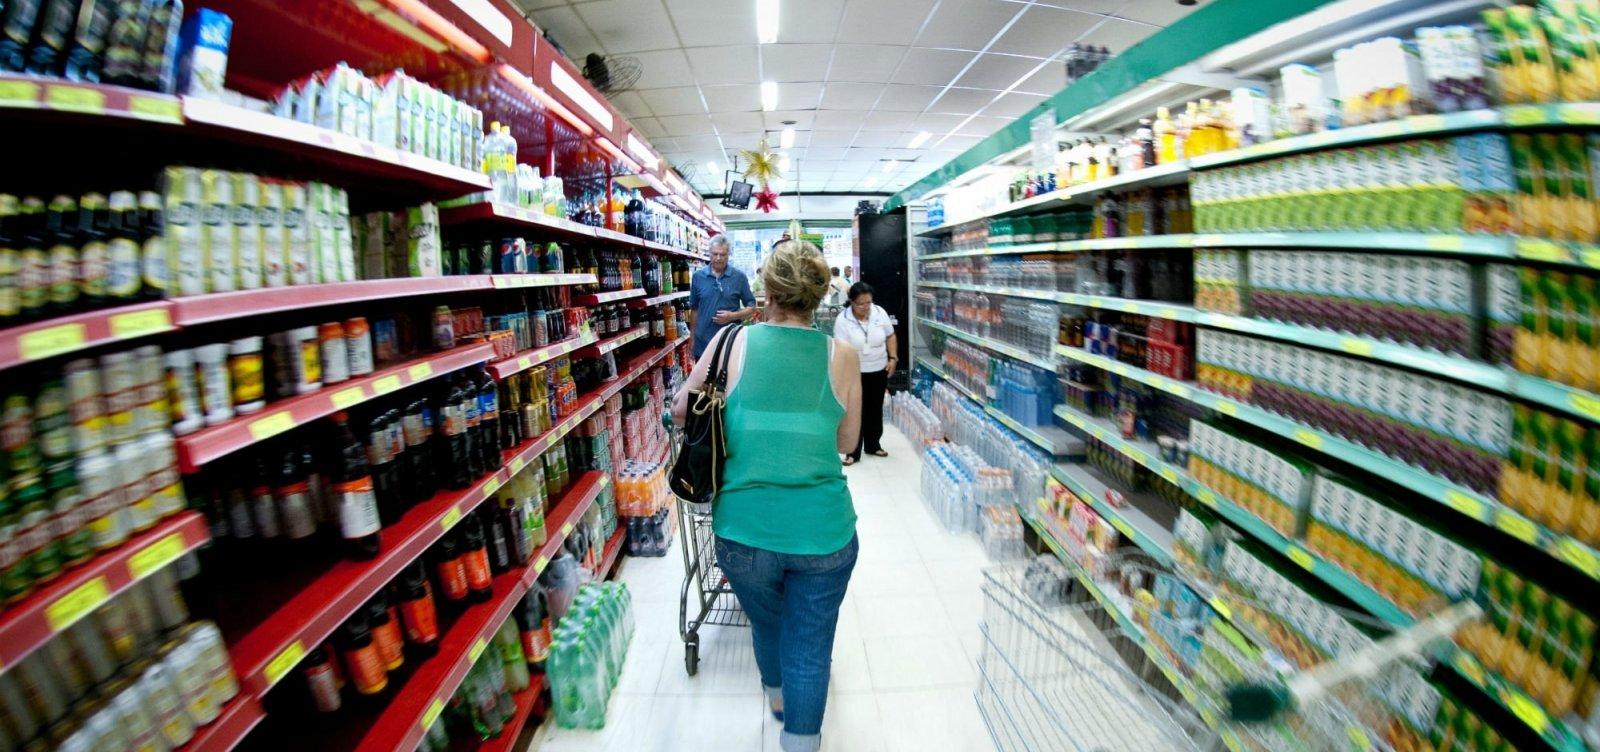 [ IPCA aponta deflação de 0,04% em setembro ]